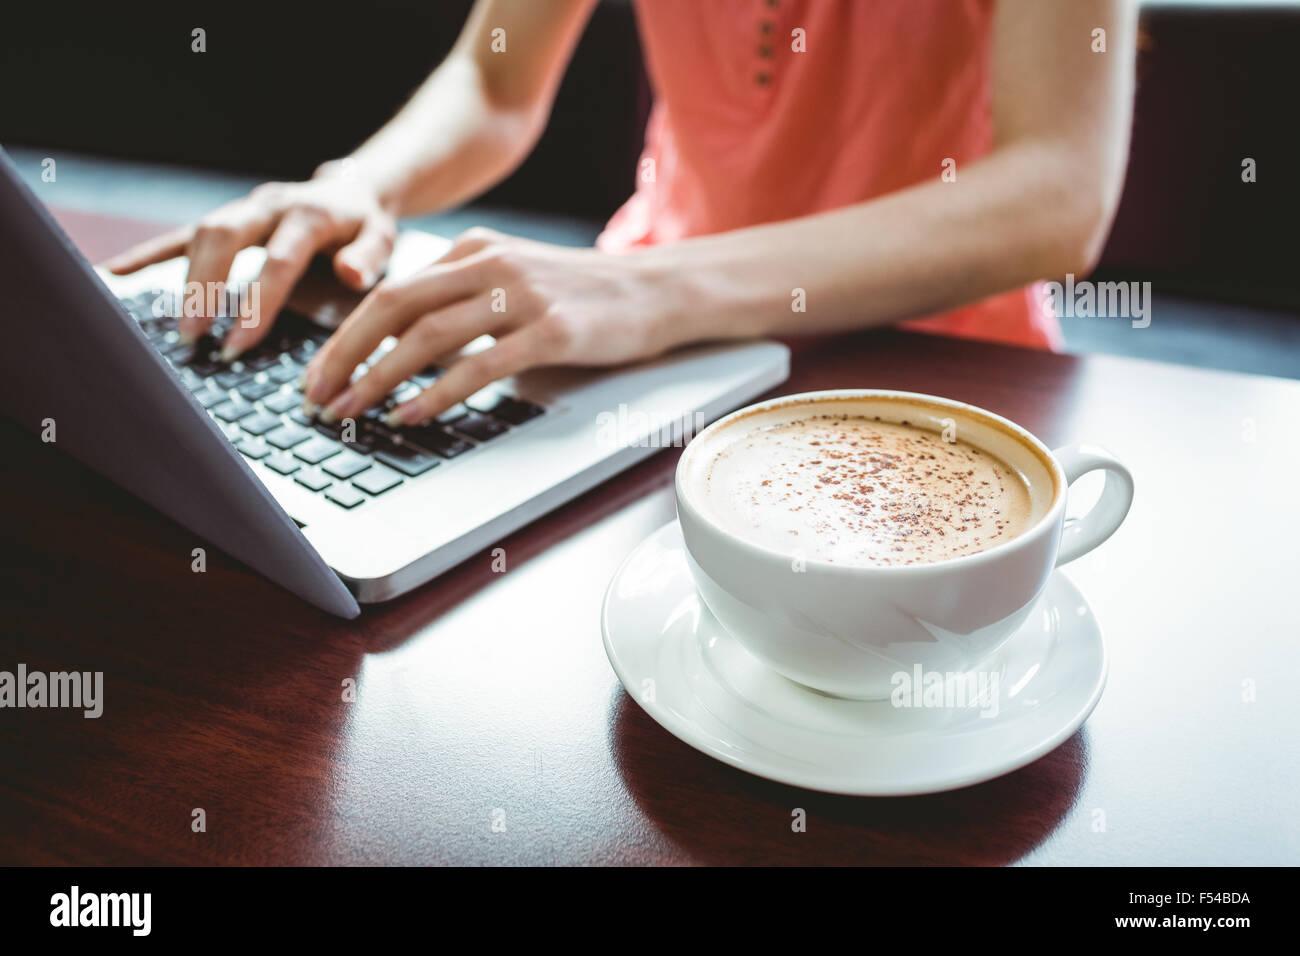 Coppia studente utilizzando laptop in cafe Immagini Stock